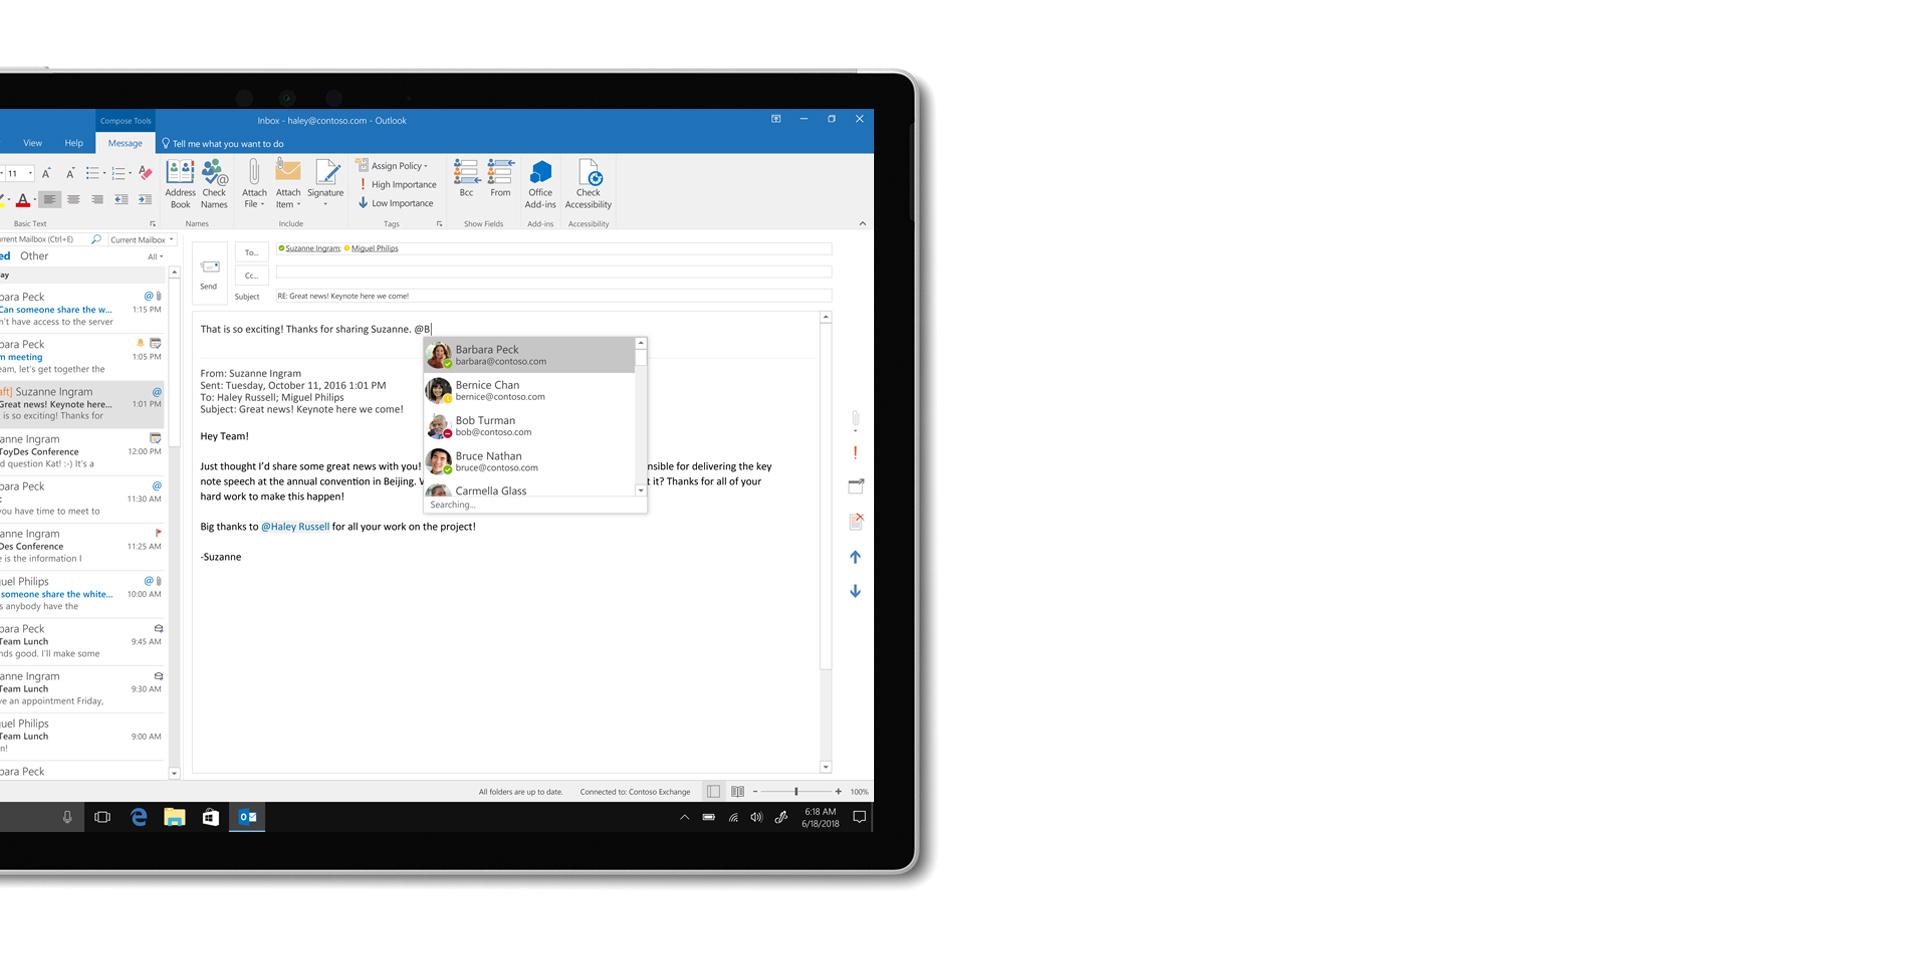 Outlook 應用程式顯示在已從鍵盤拆下的 Surface Book 2 螢幕上。